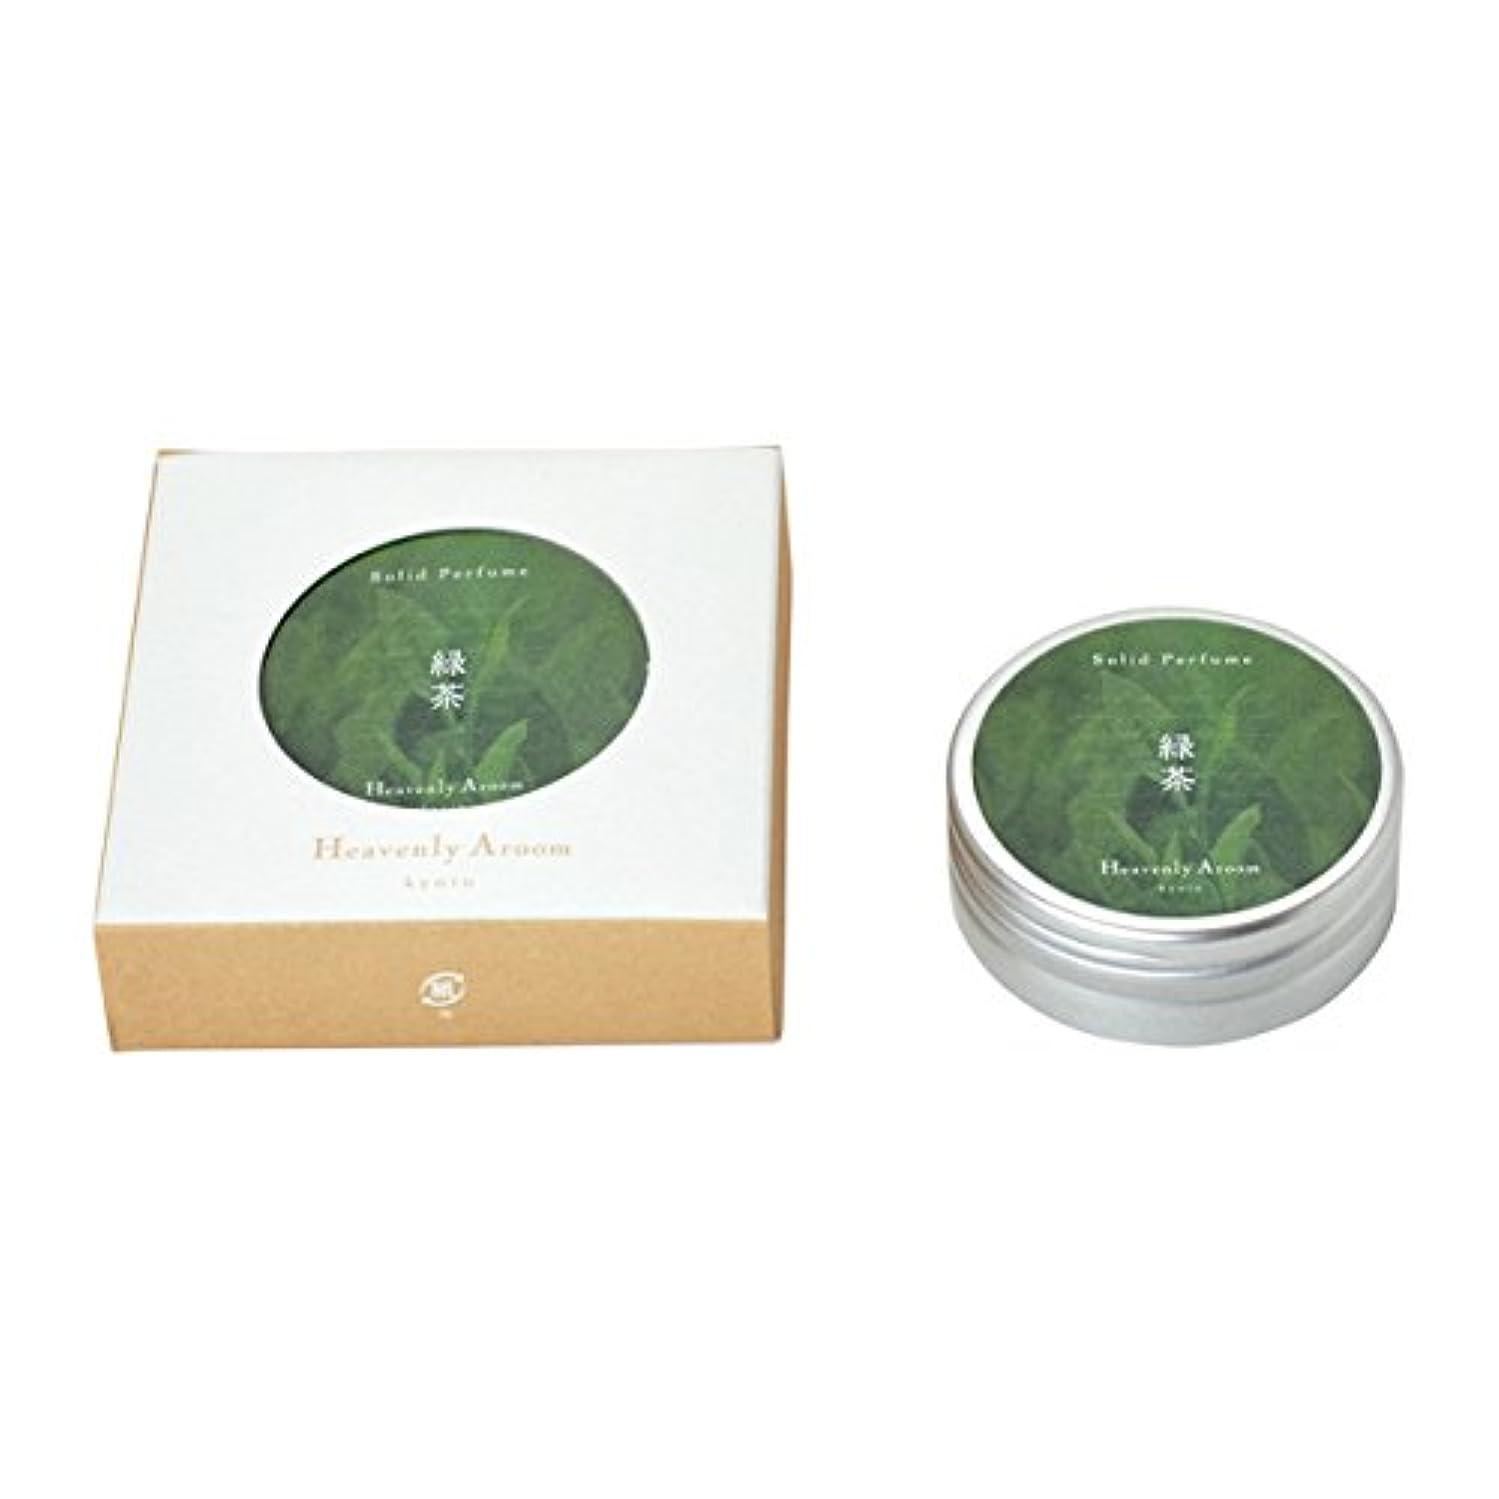 フィヨルド軍艦定期的Heavenly Aroom ソリッドパフューム 緑茶 15g